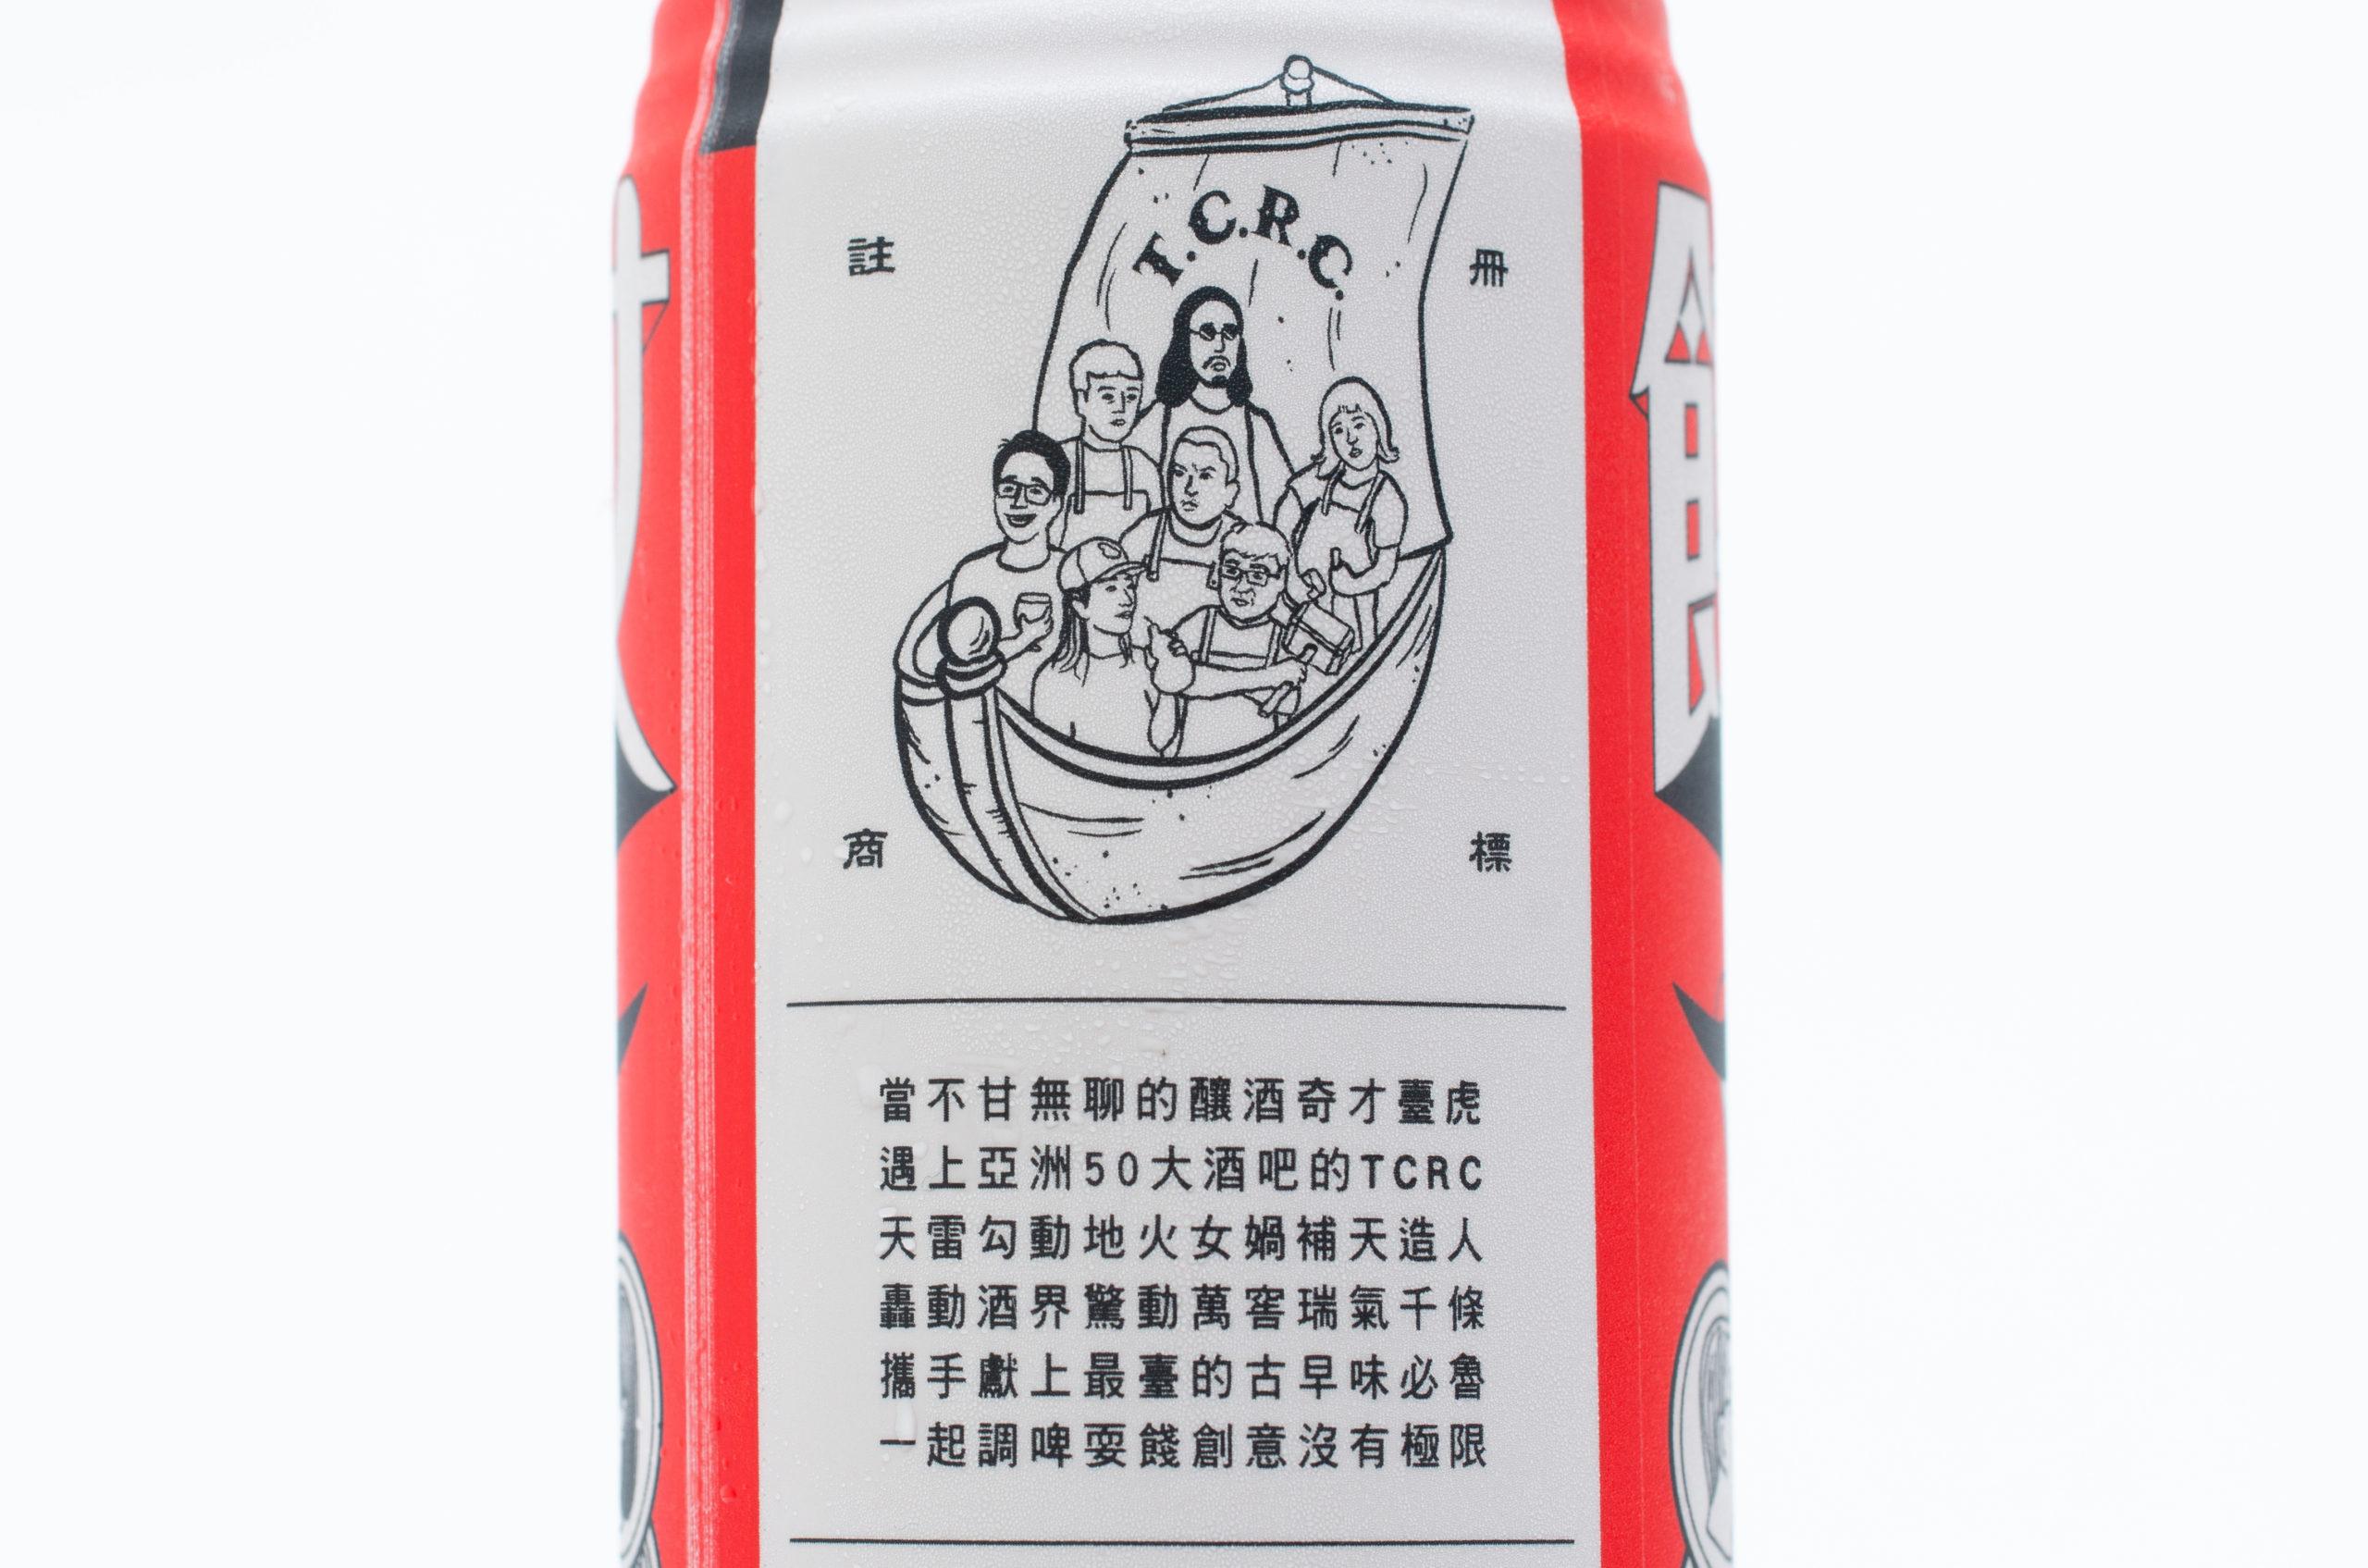 餞男醋女酸啤酒虎 臺虎 X TCRC